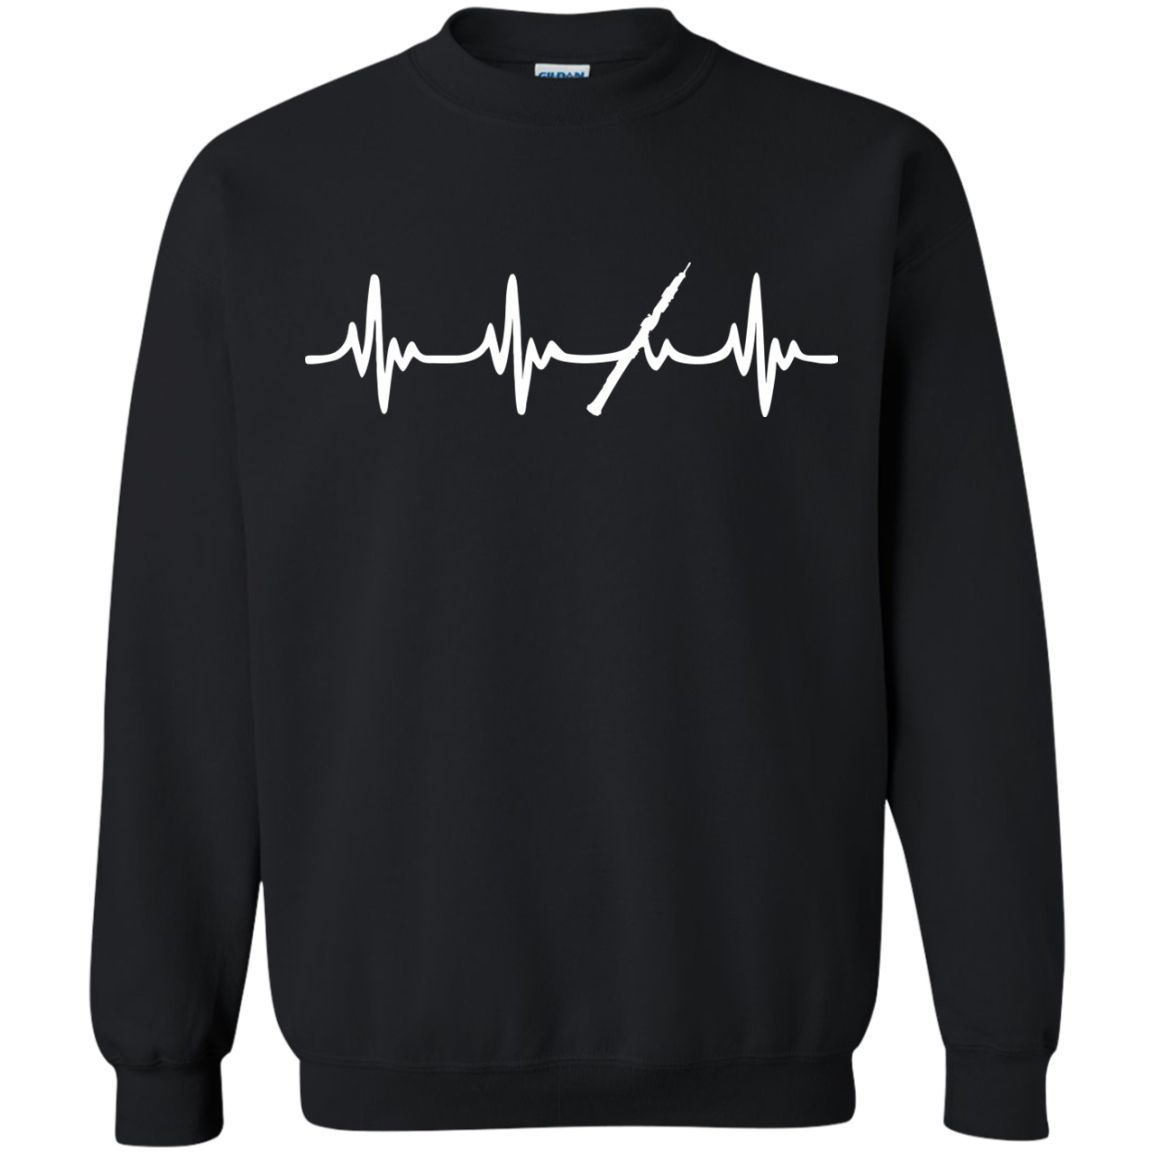 Oboe Heartbeat Long Sleeve/Sweatshirt